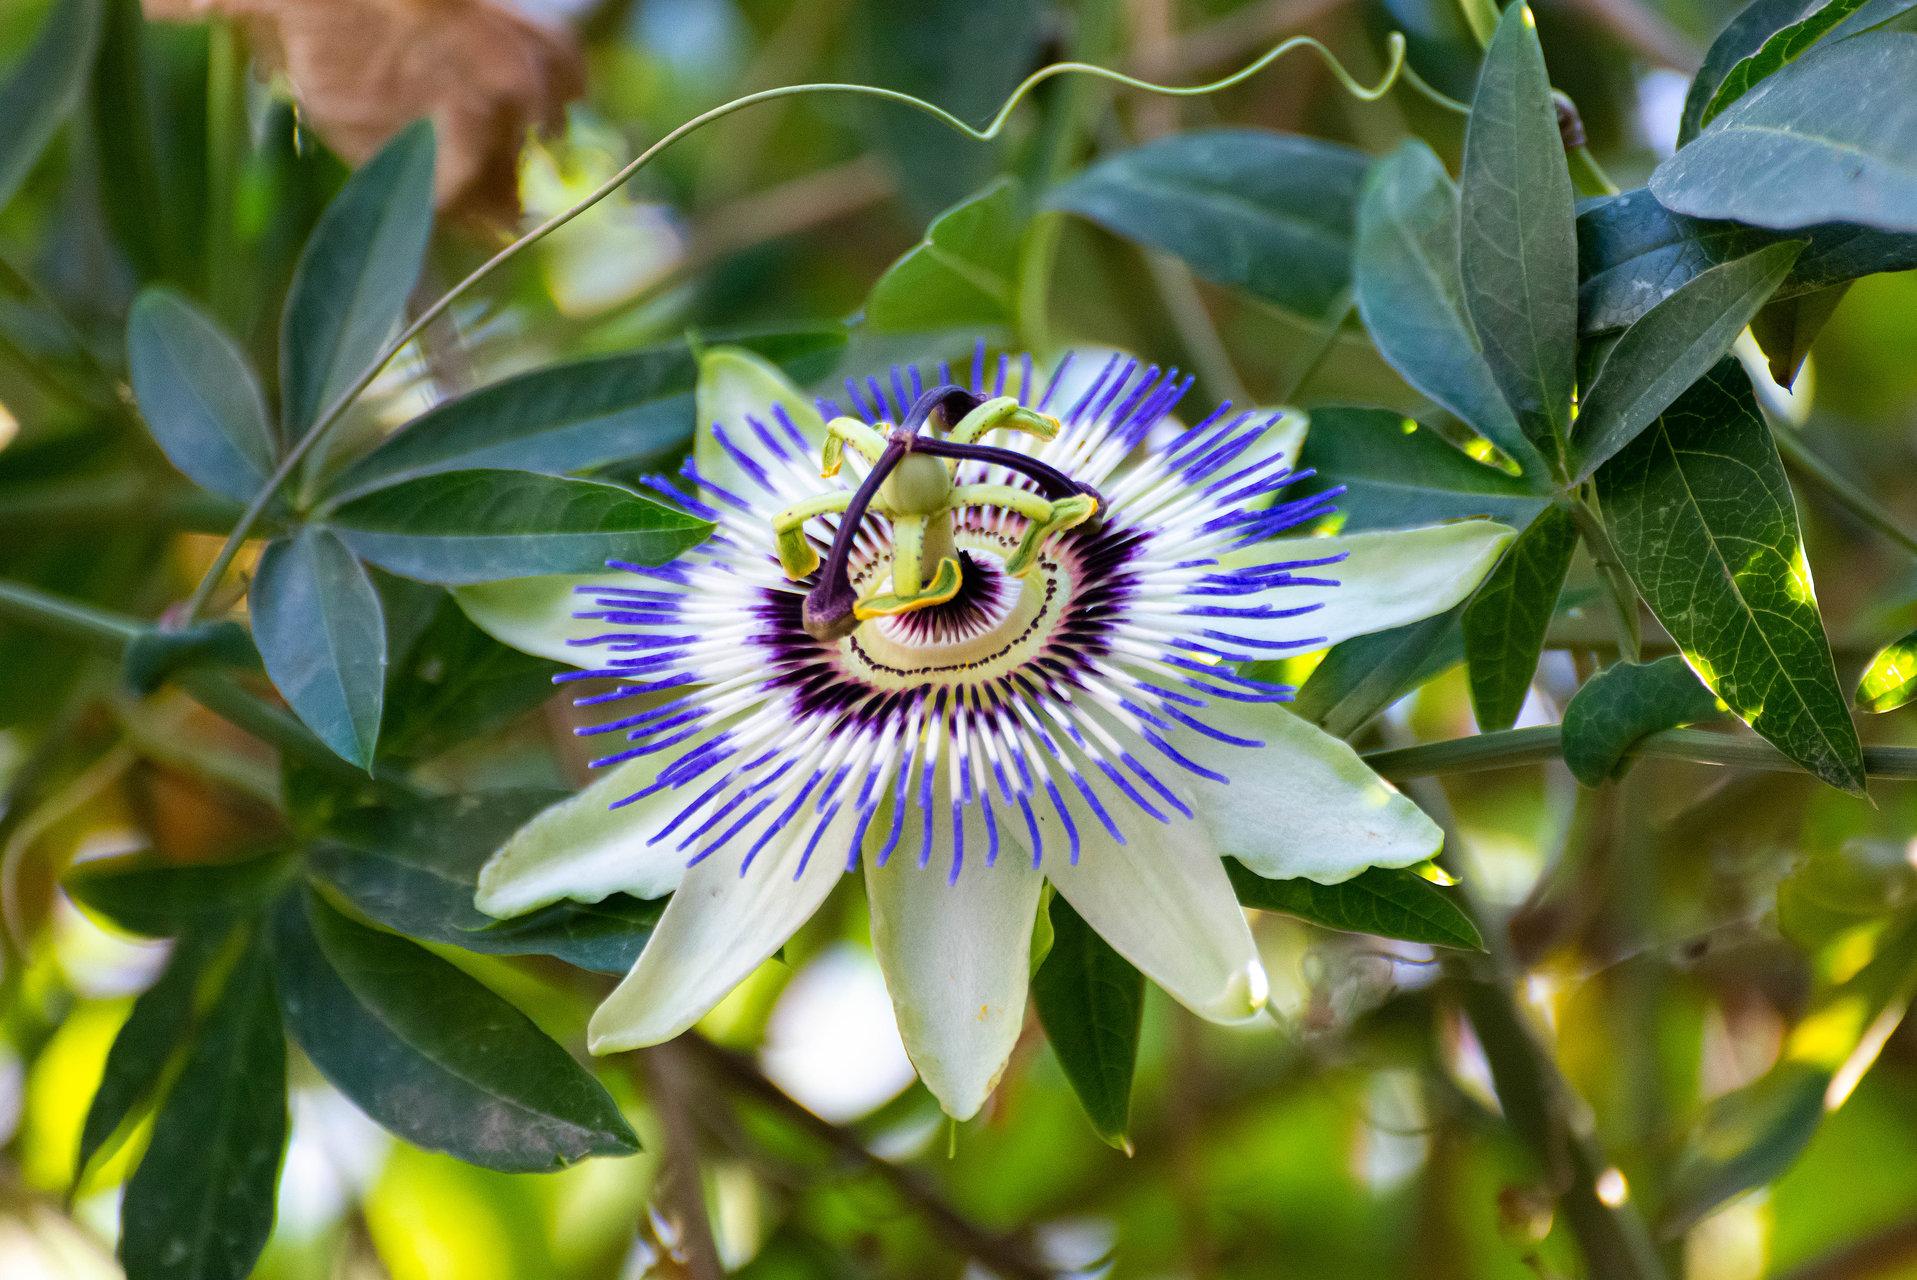 Photo in Nature | Author petrov_m | PHOTO FORUM